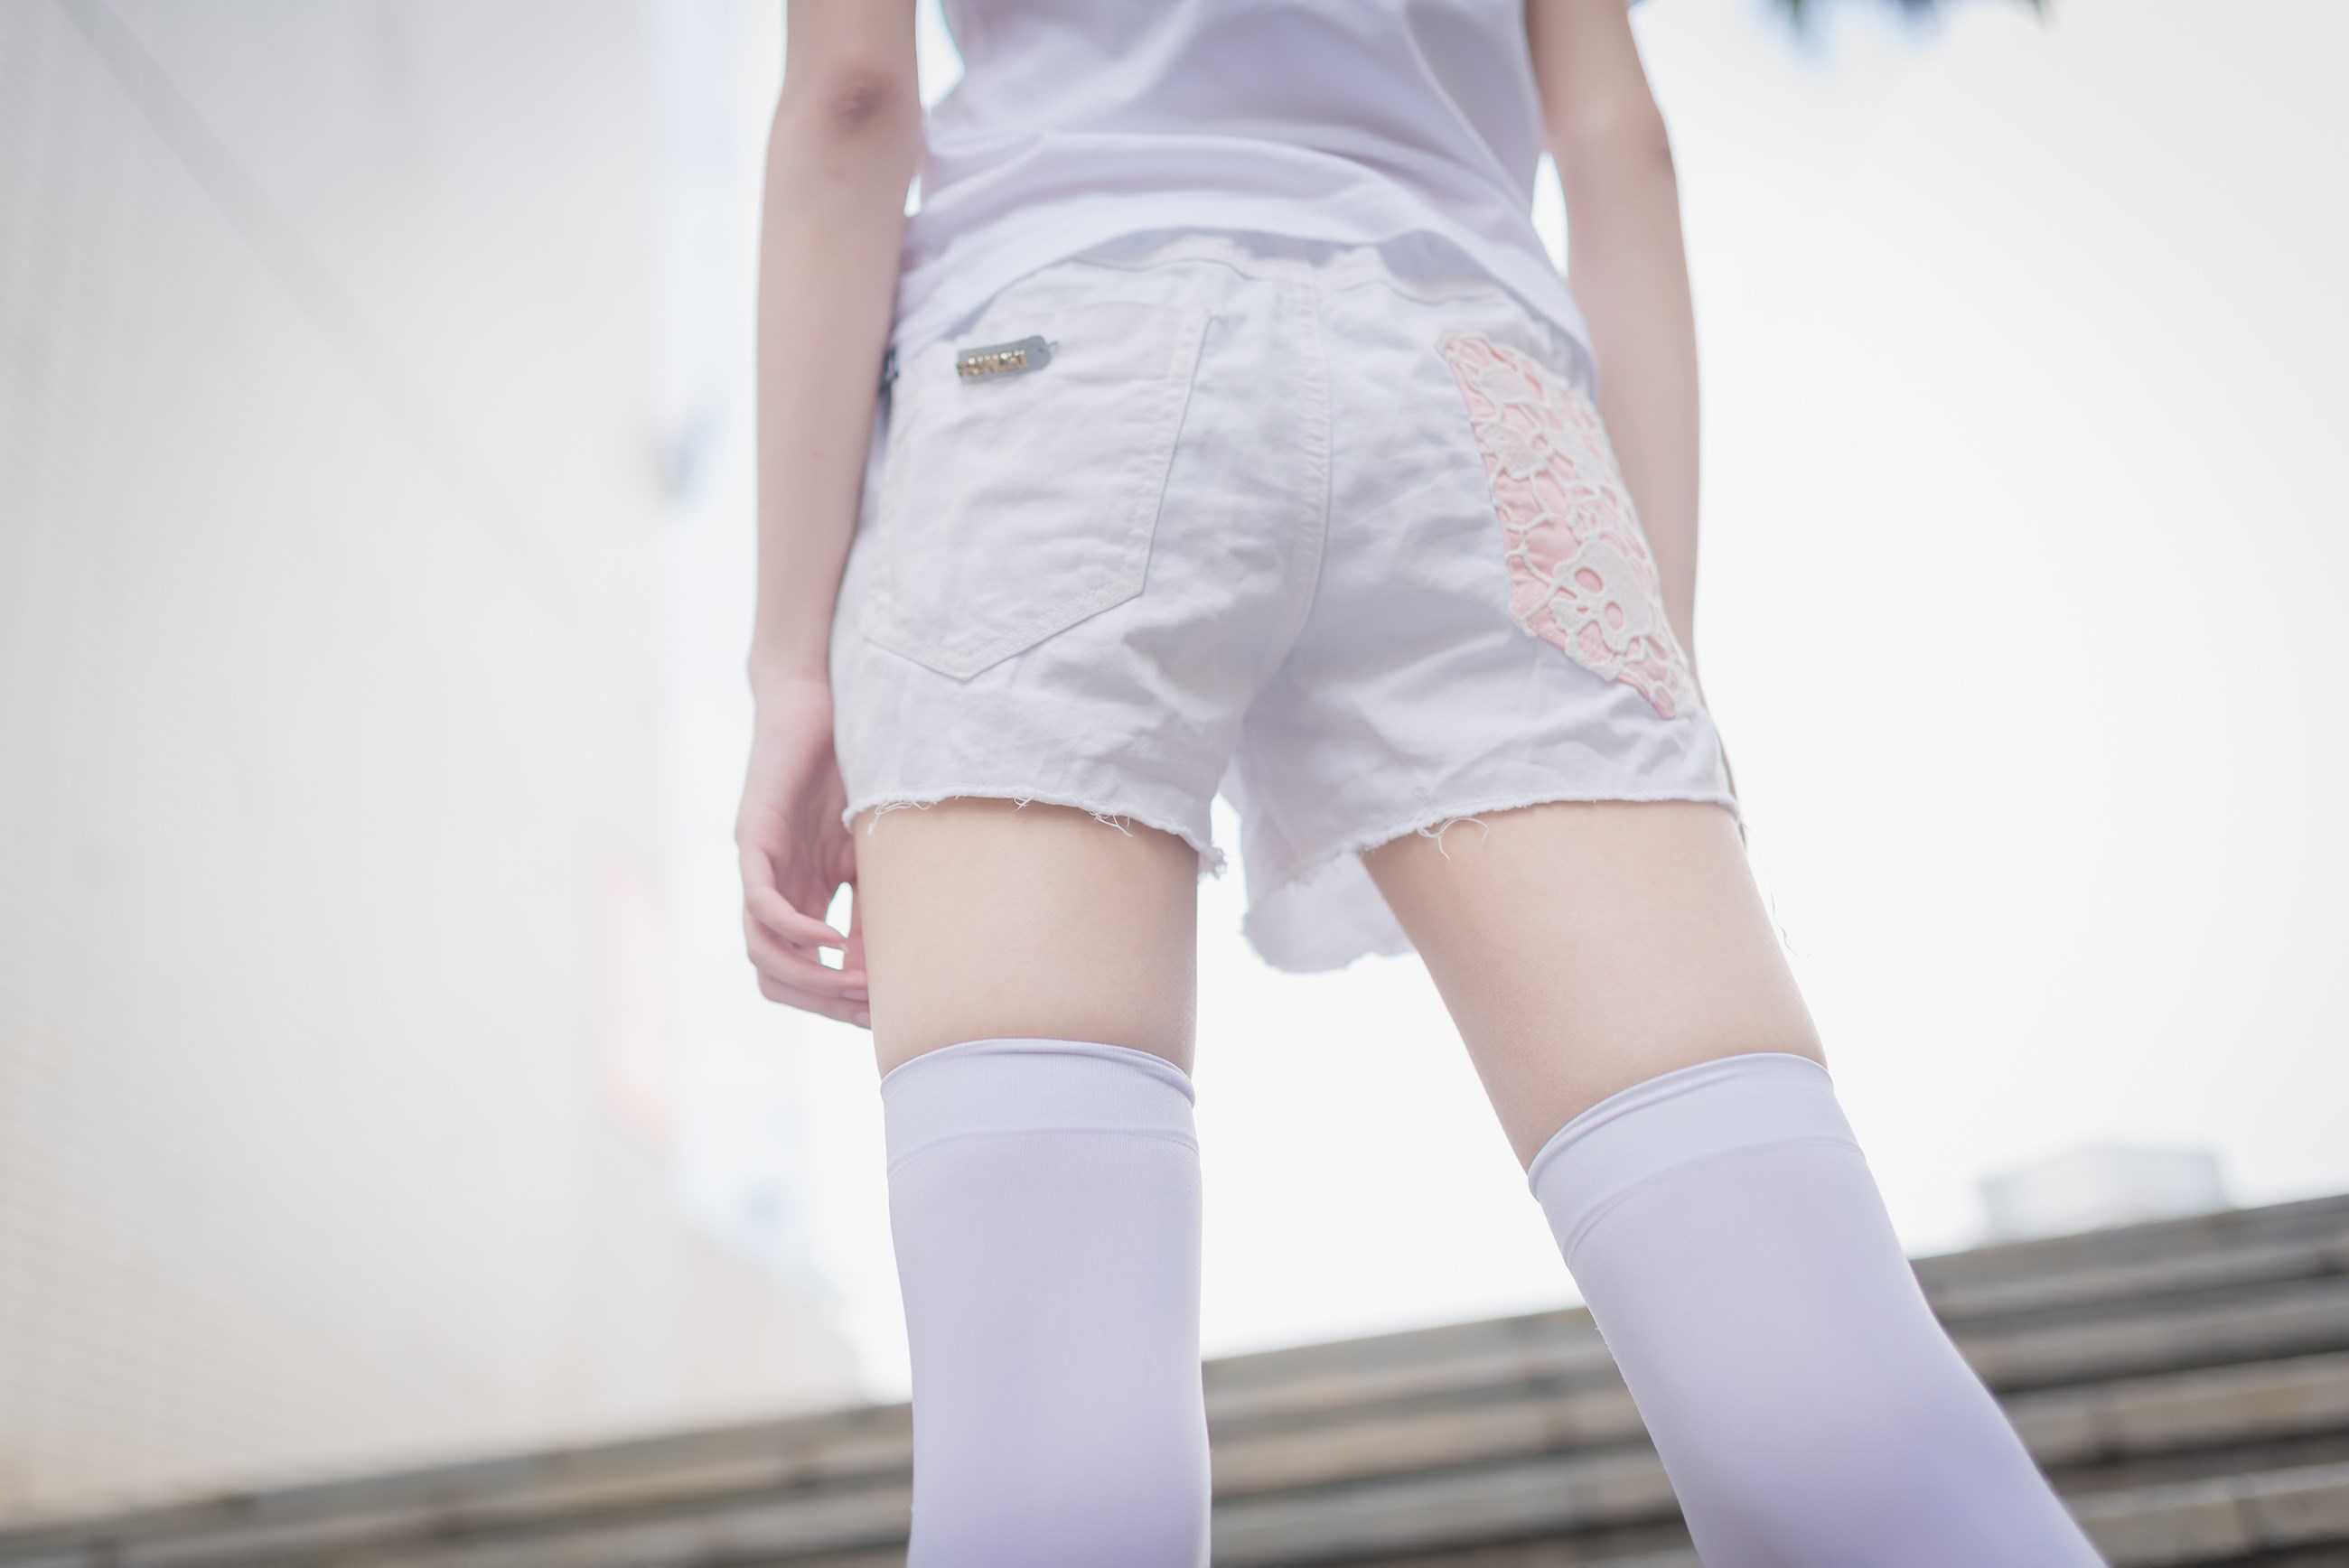 【兔玩映画】白丝过膝袜 兔玩映画 第27张